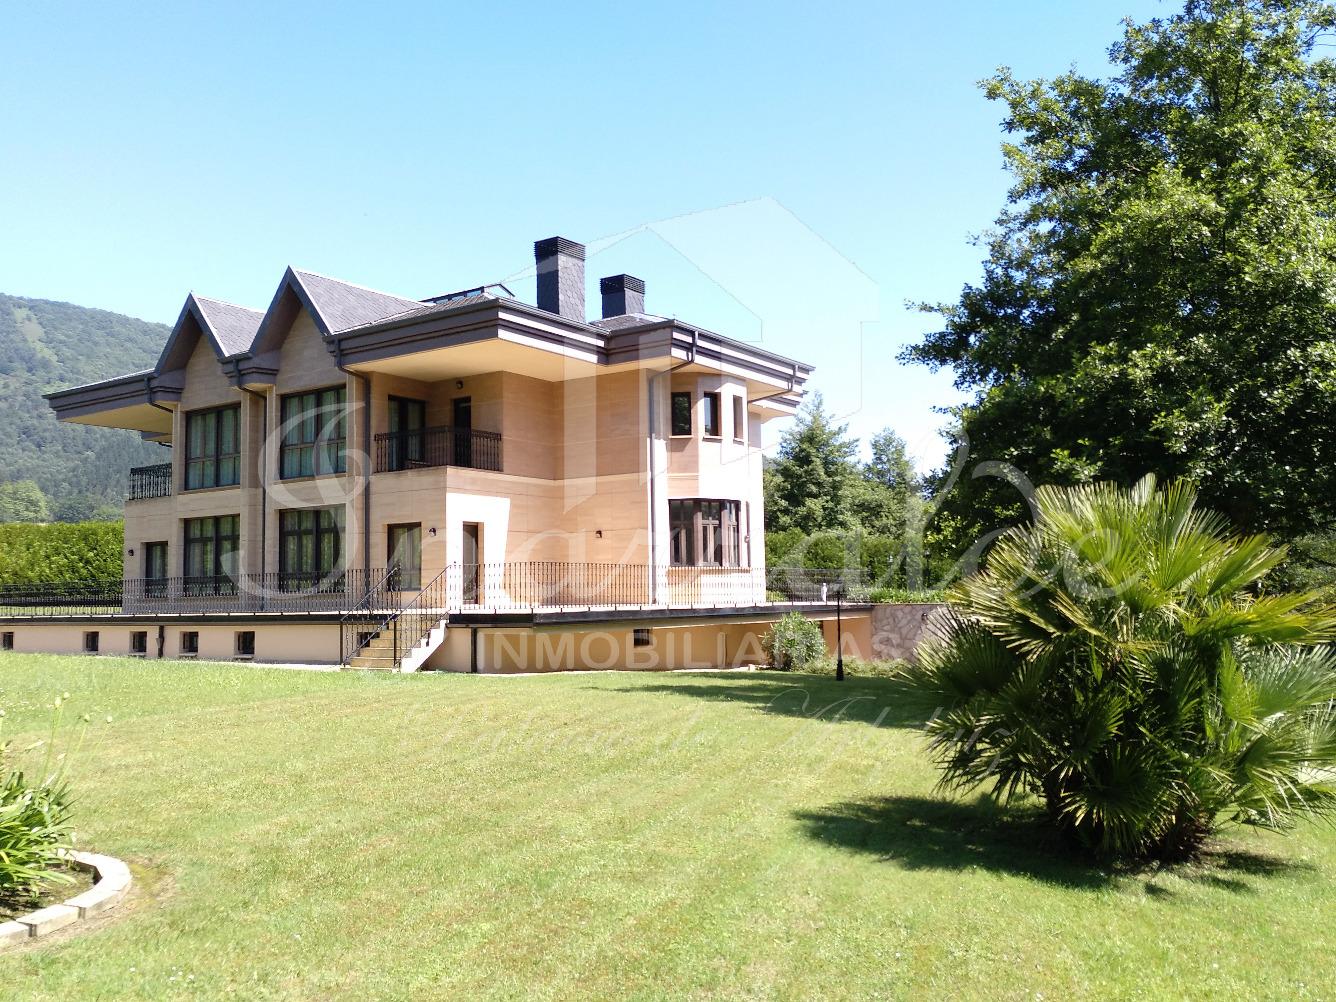 Espectacular villa Unifamiliar de 757m² con 6 suites con baño y ves...